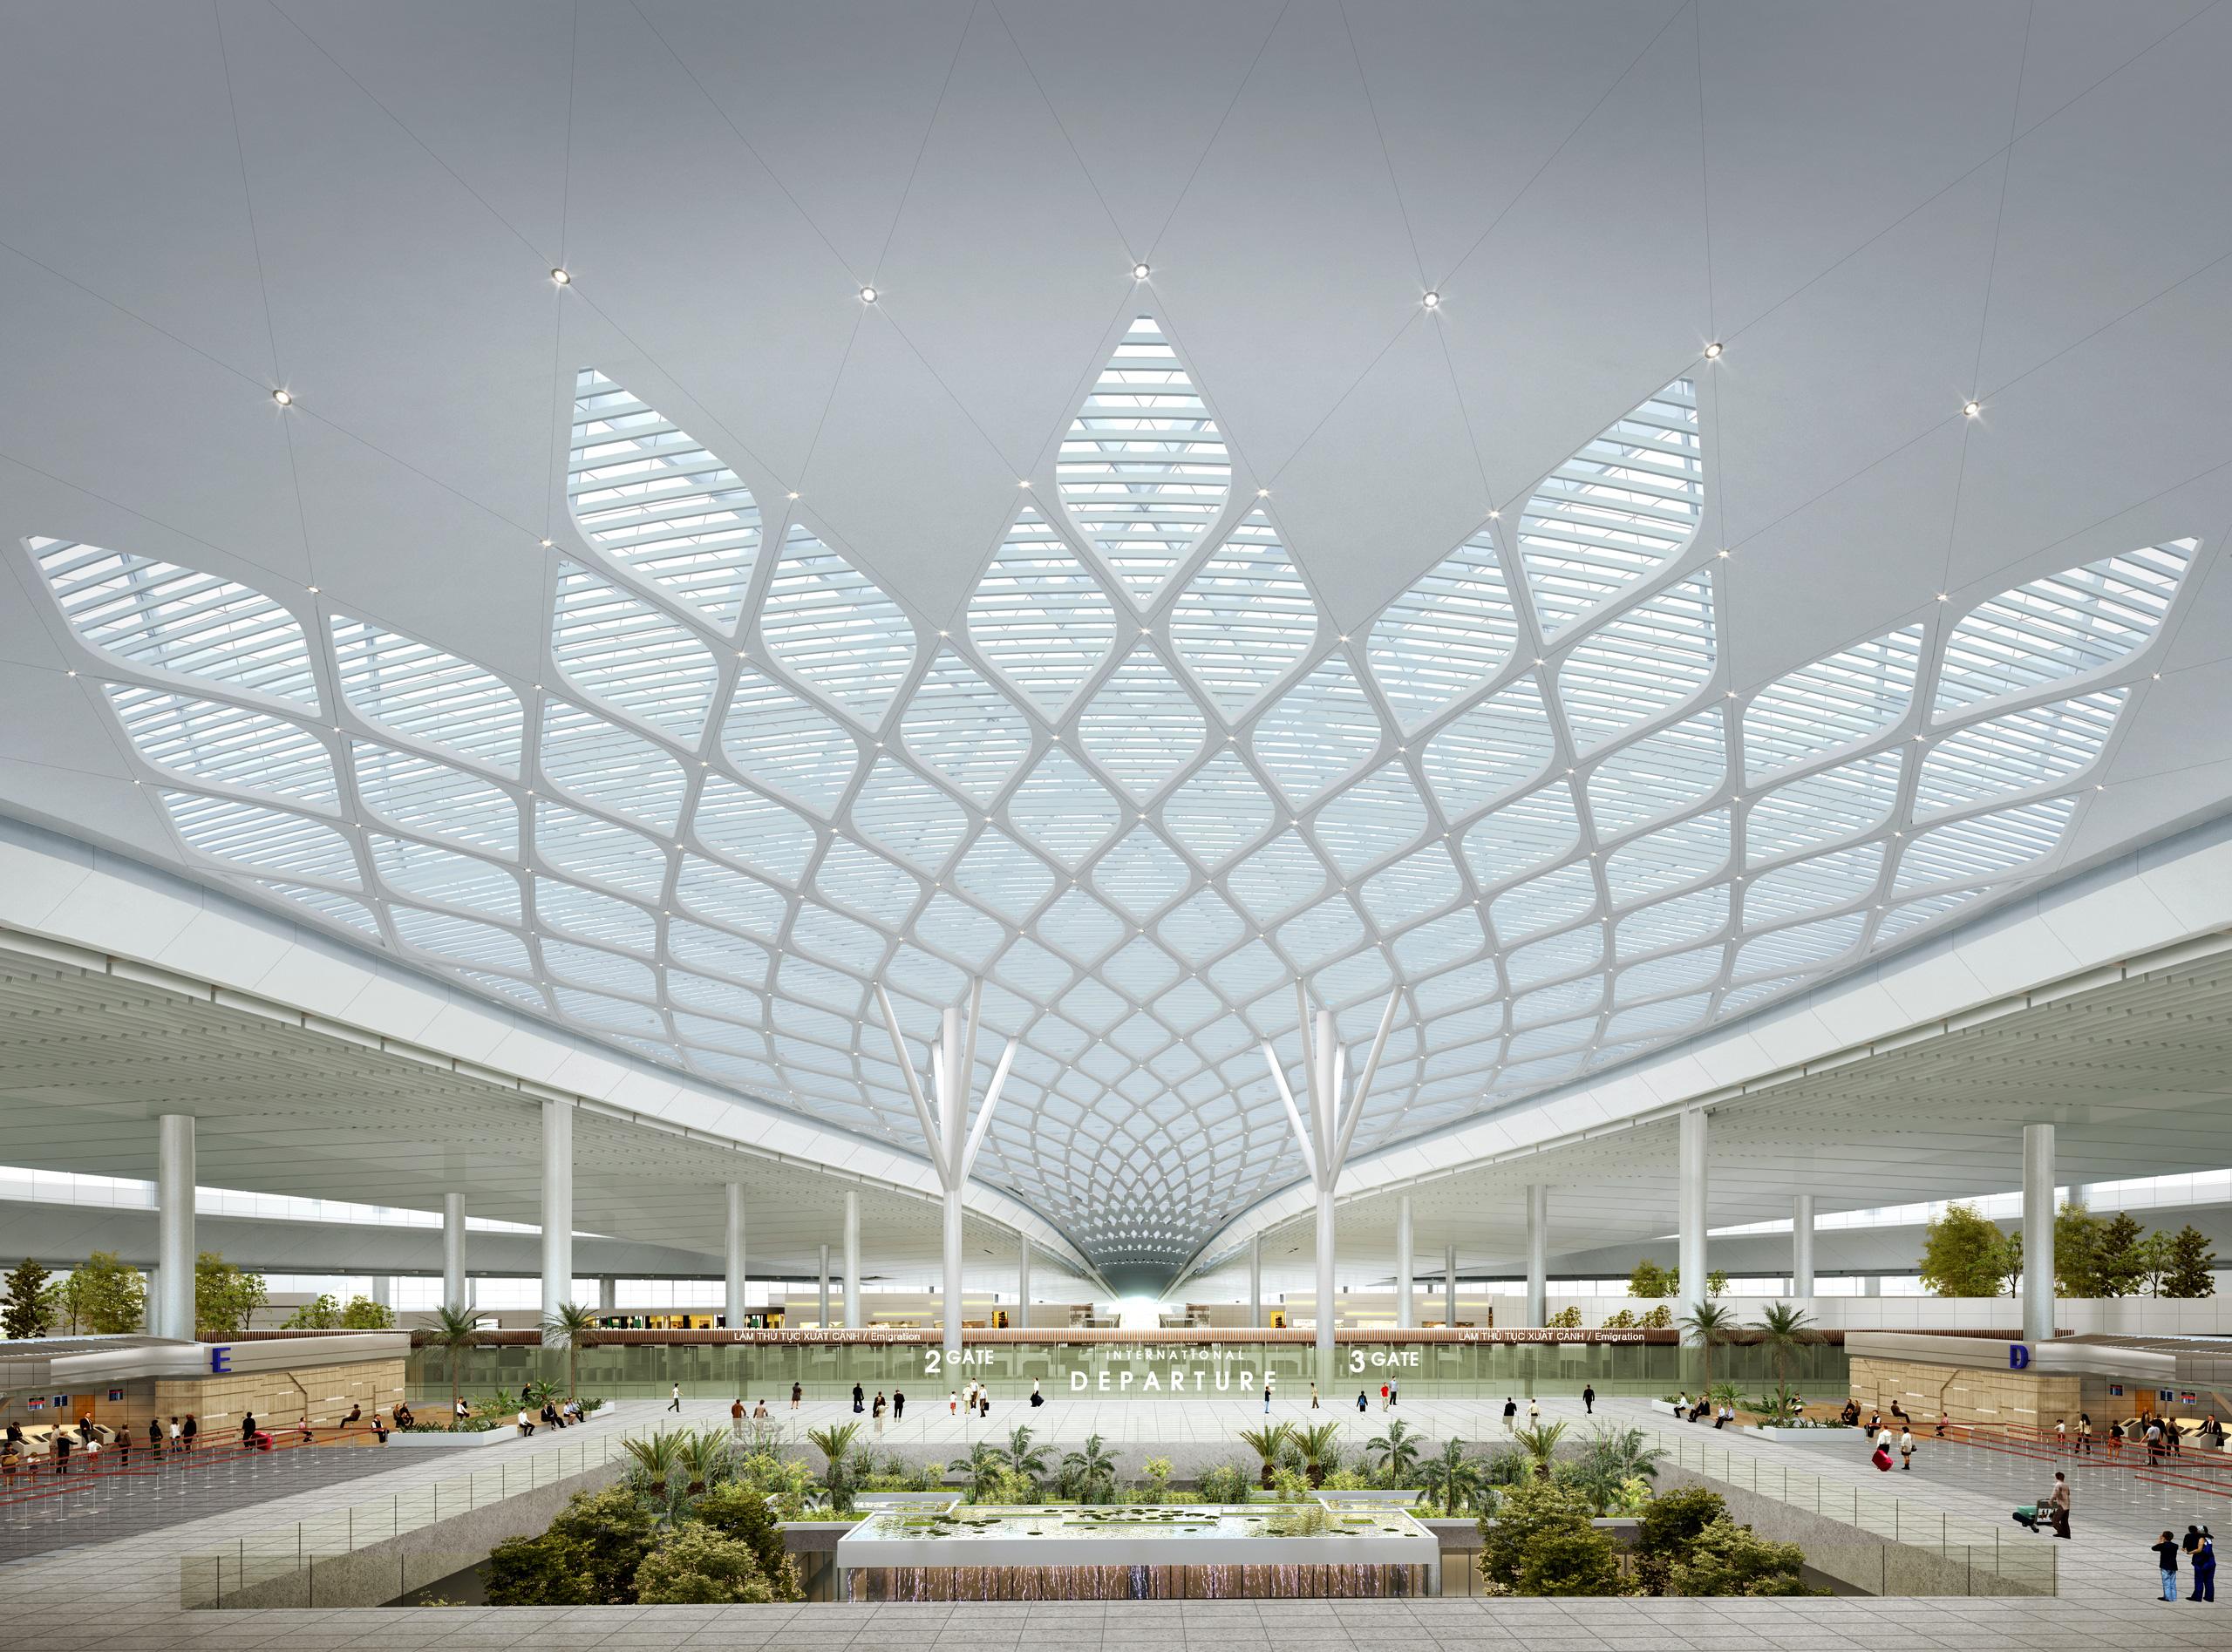 Cảng hàng không quốc tế Long Thành sẽ khởi công vào cuối tháng 12/2020 - Ảnh 1.